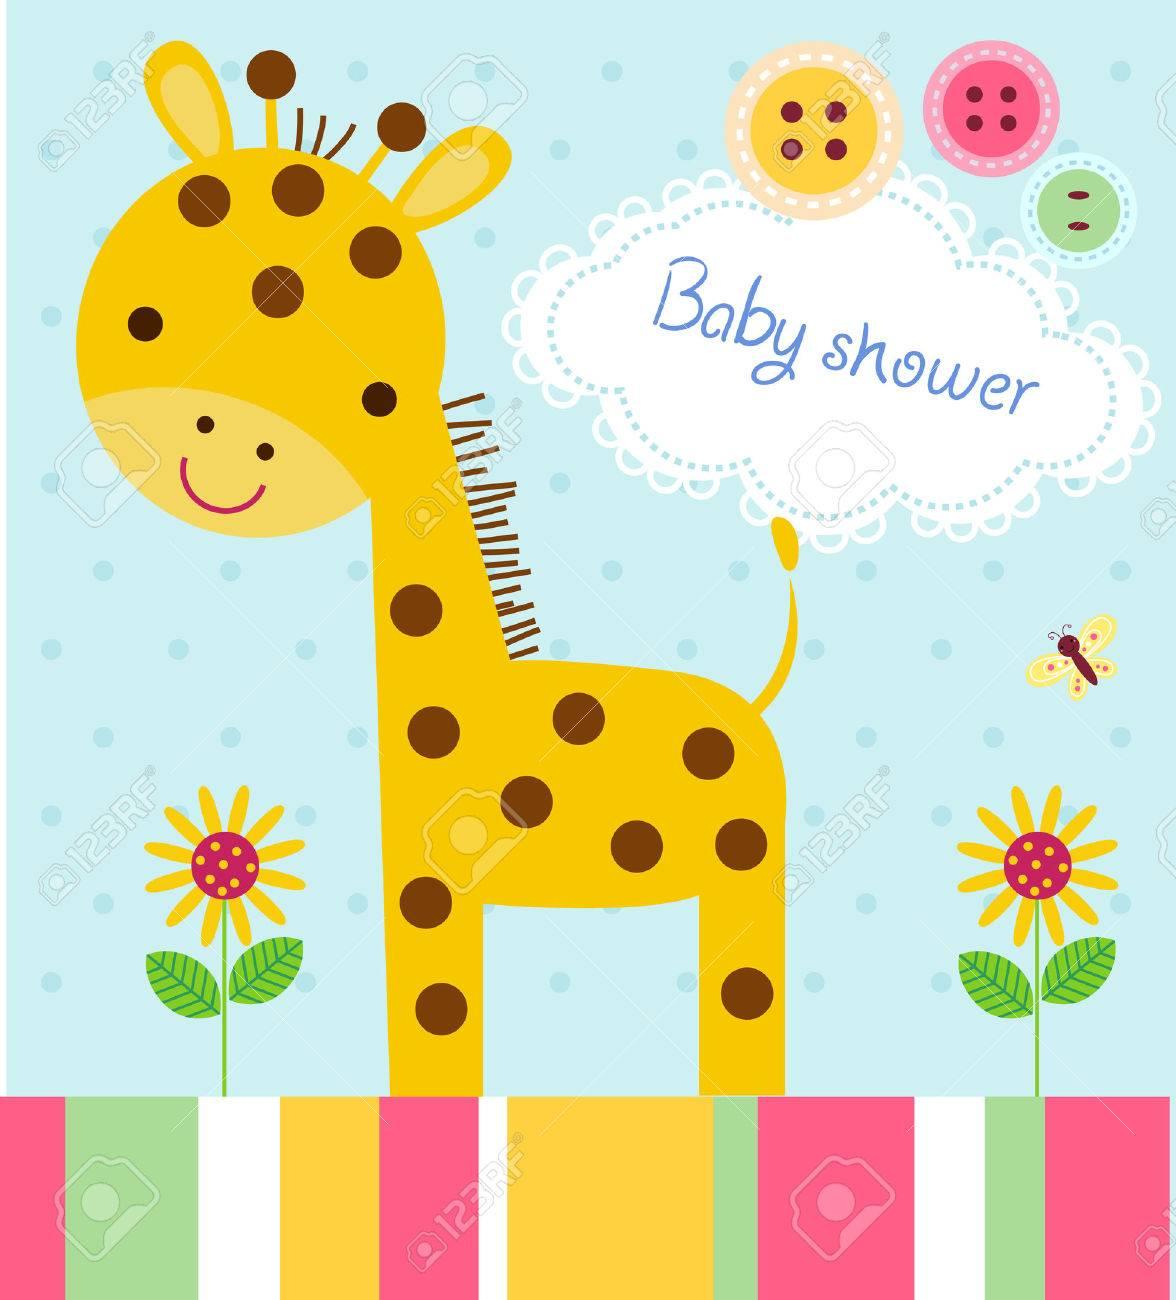 Tarjeta Linda De La Invitación Del Cumpleaños De Bienvenida Al Bebé Con La Jirafa